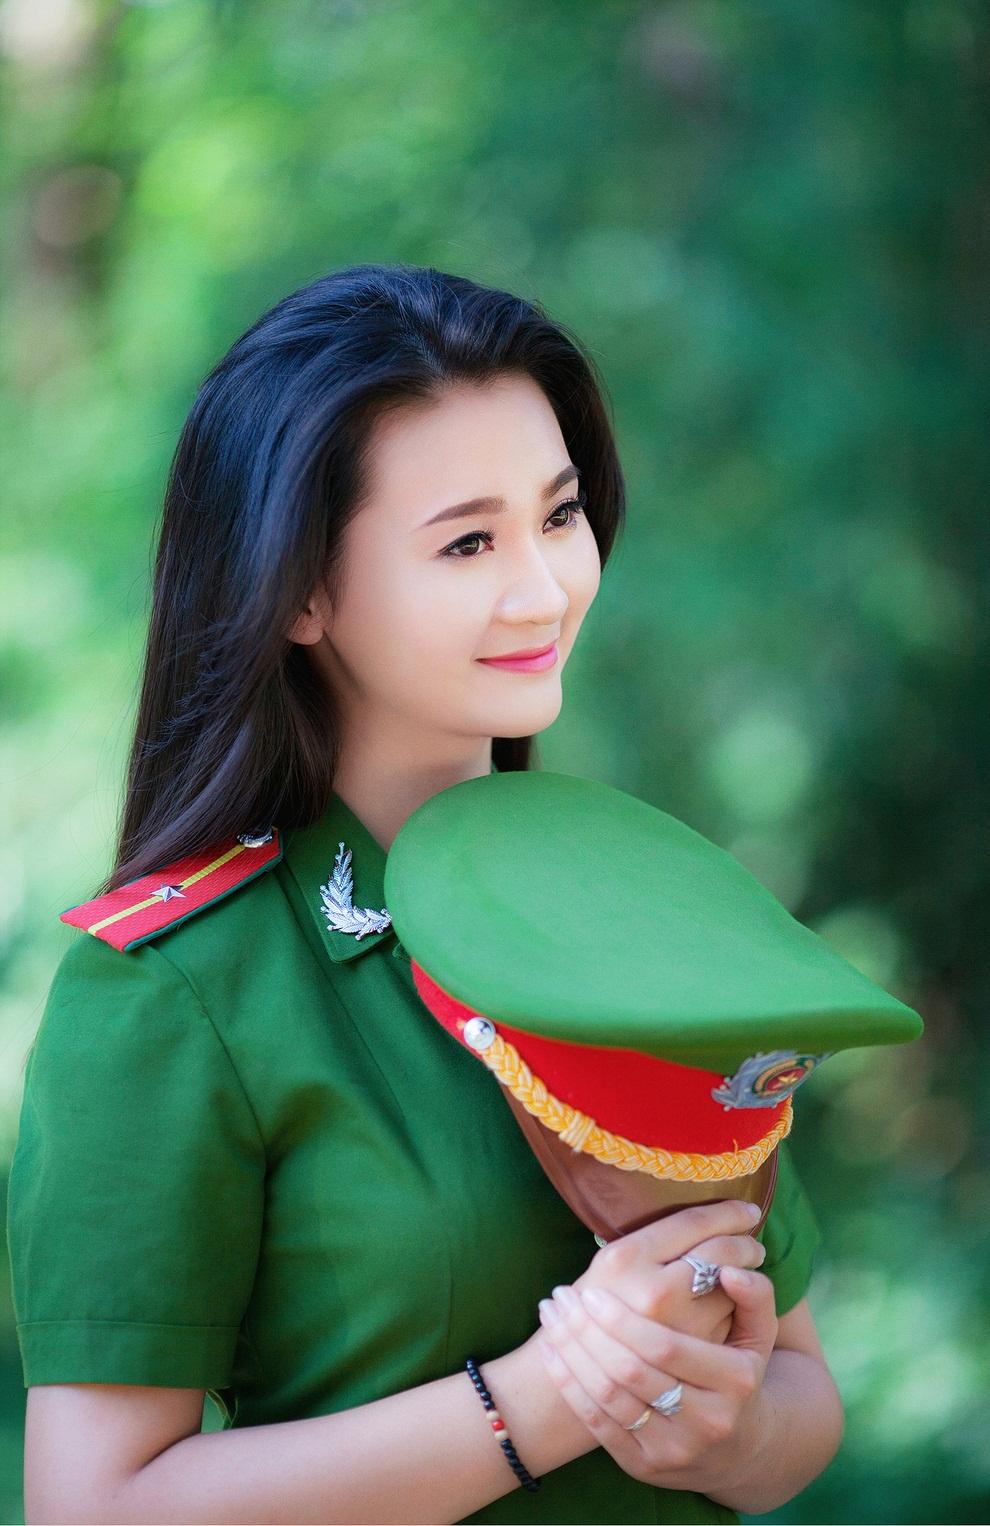 Hình ảnh nữ công an cầm mũ